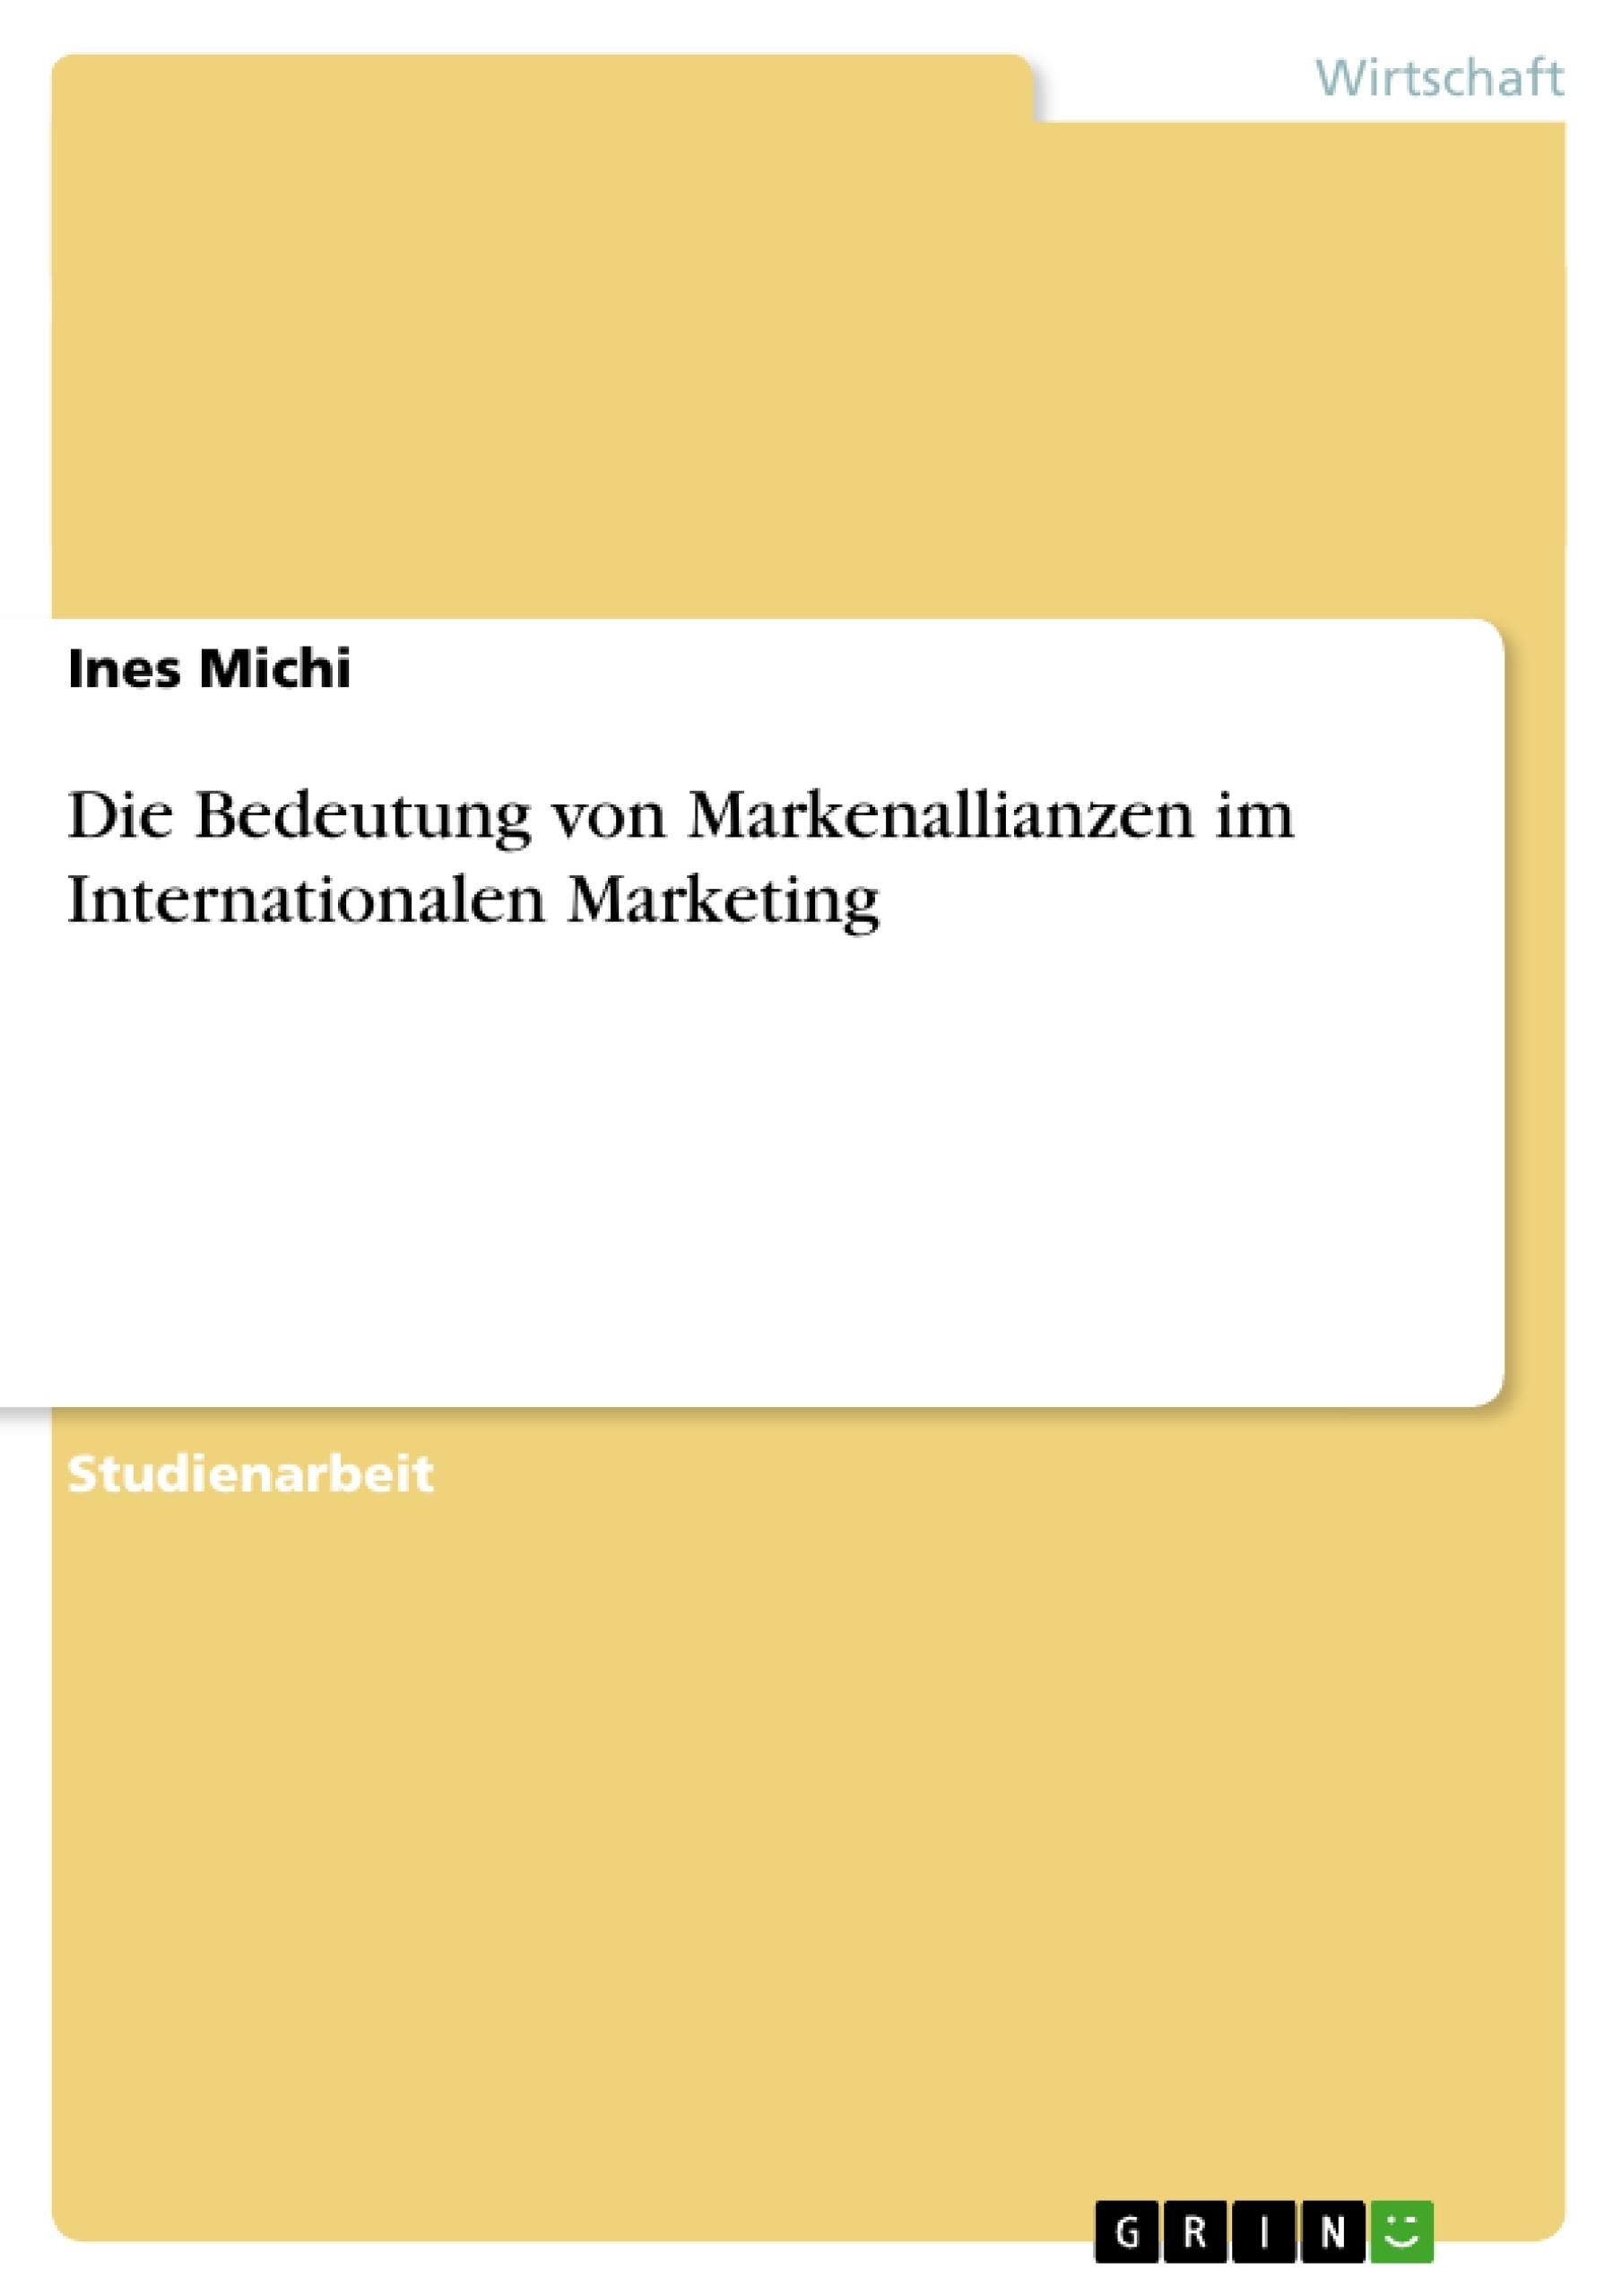 Titel: Die Bedeutung von Markenallianzen im Internationalen Marketing